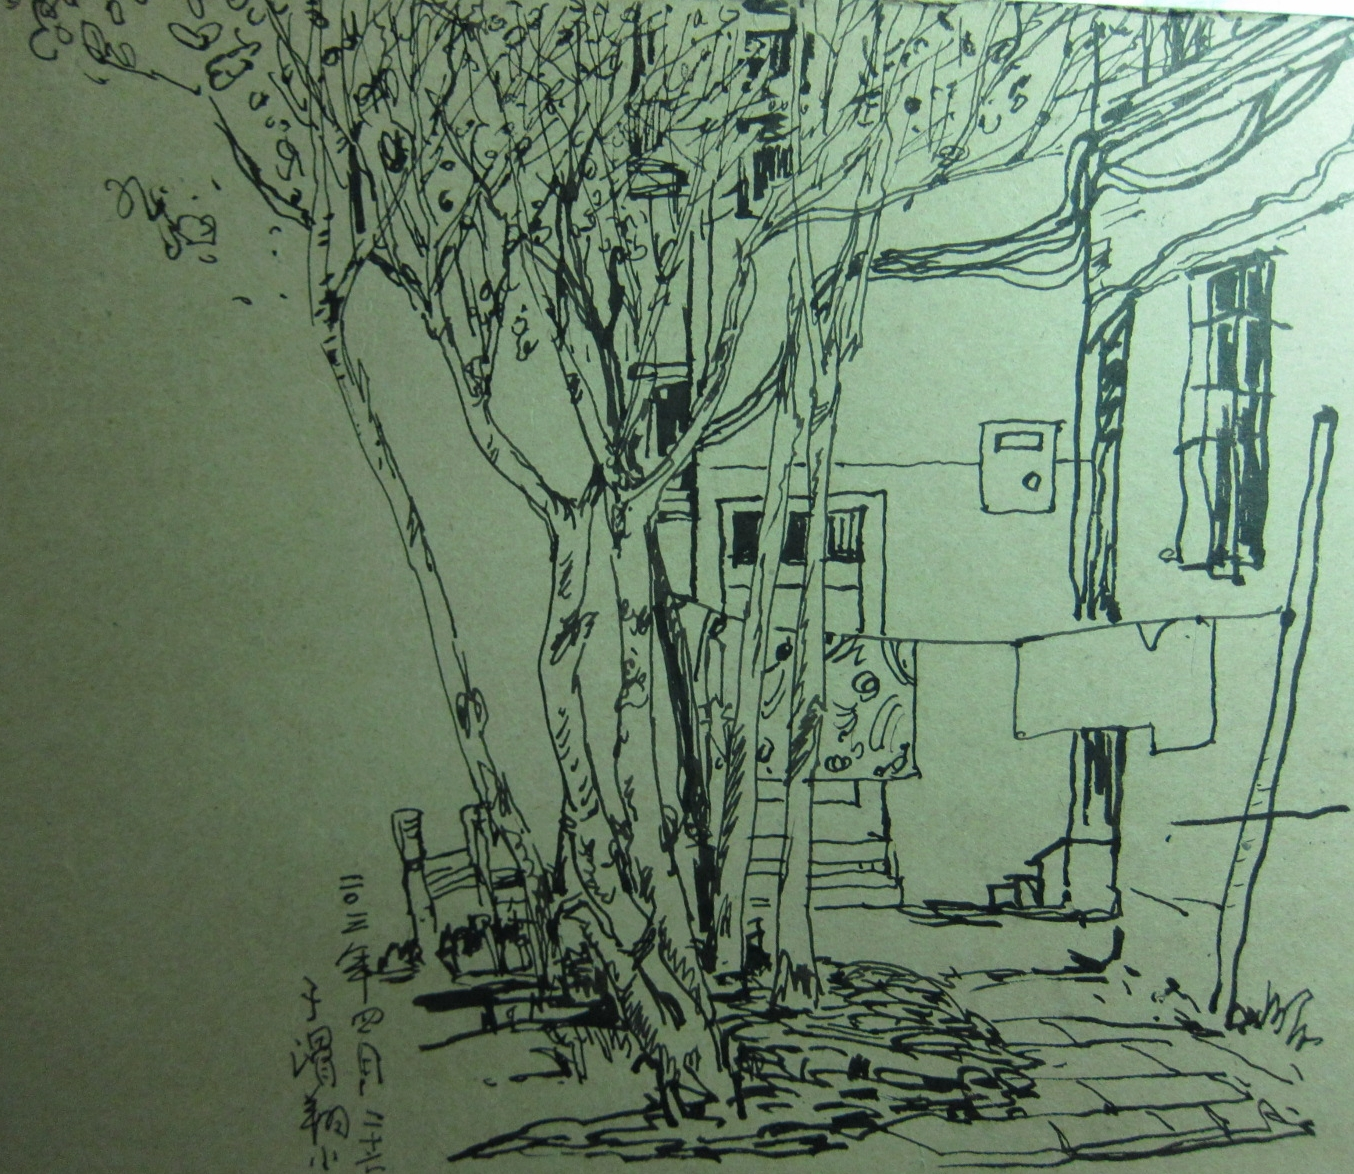 城市风景速写 - 相册 - 吴宝至 - 艺术家园-盘古艺术网